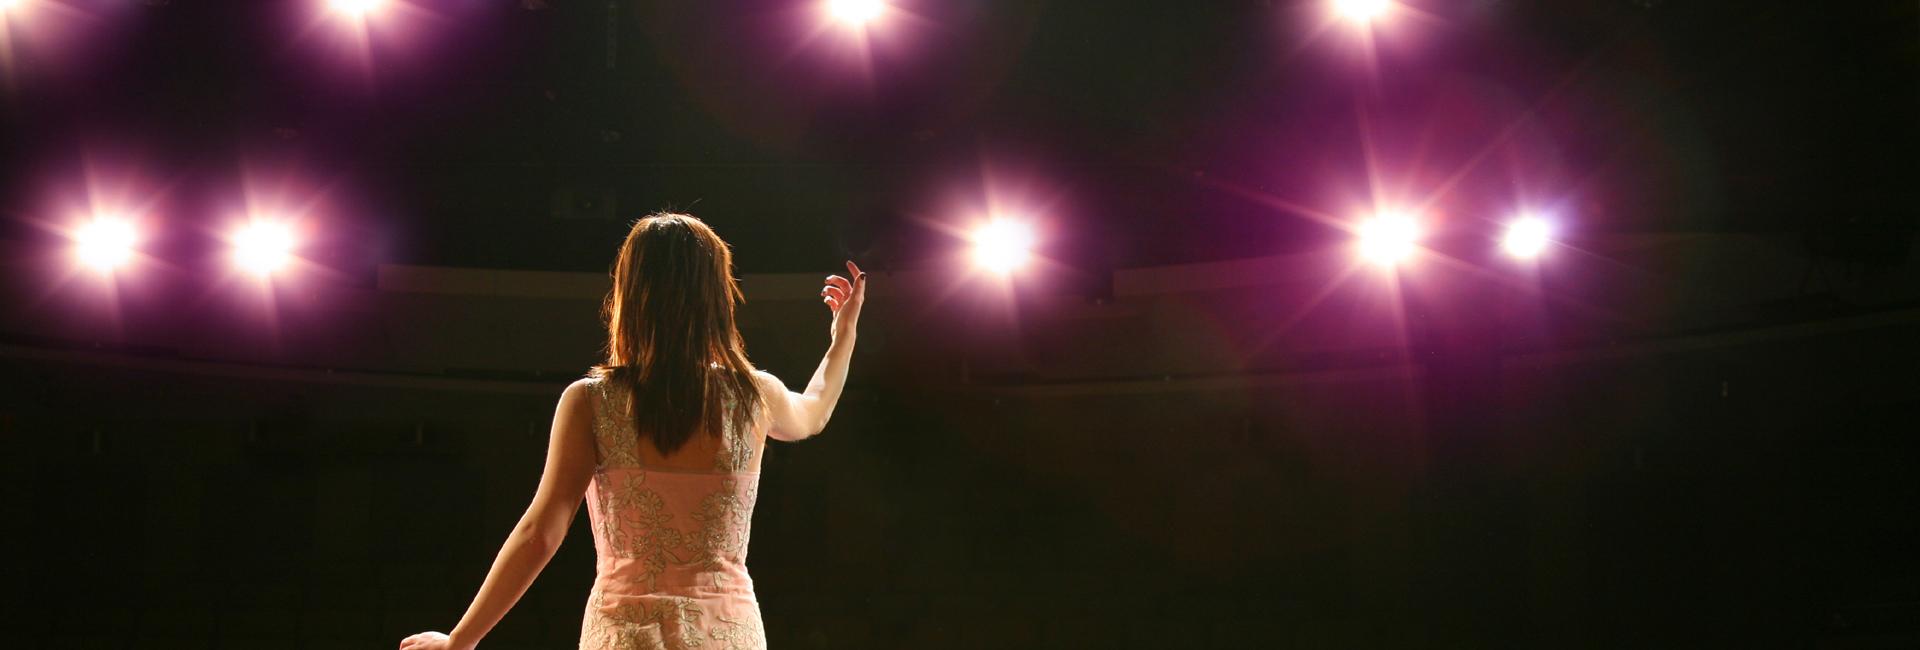 סדרת מחזות הזמר